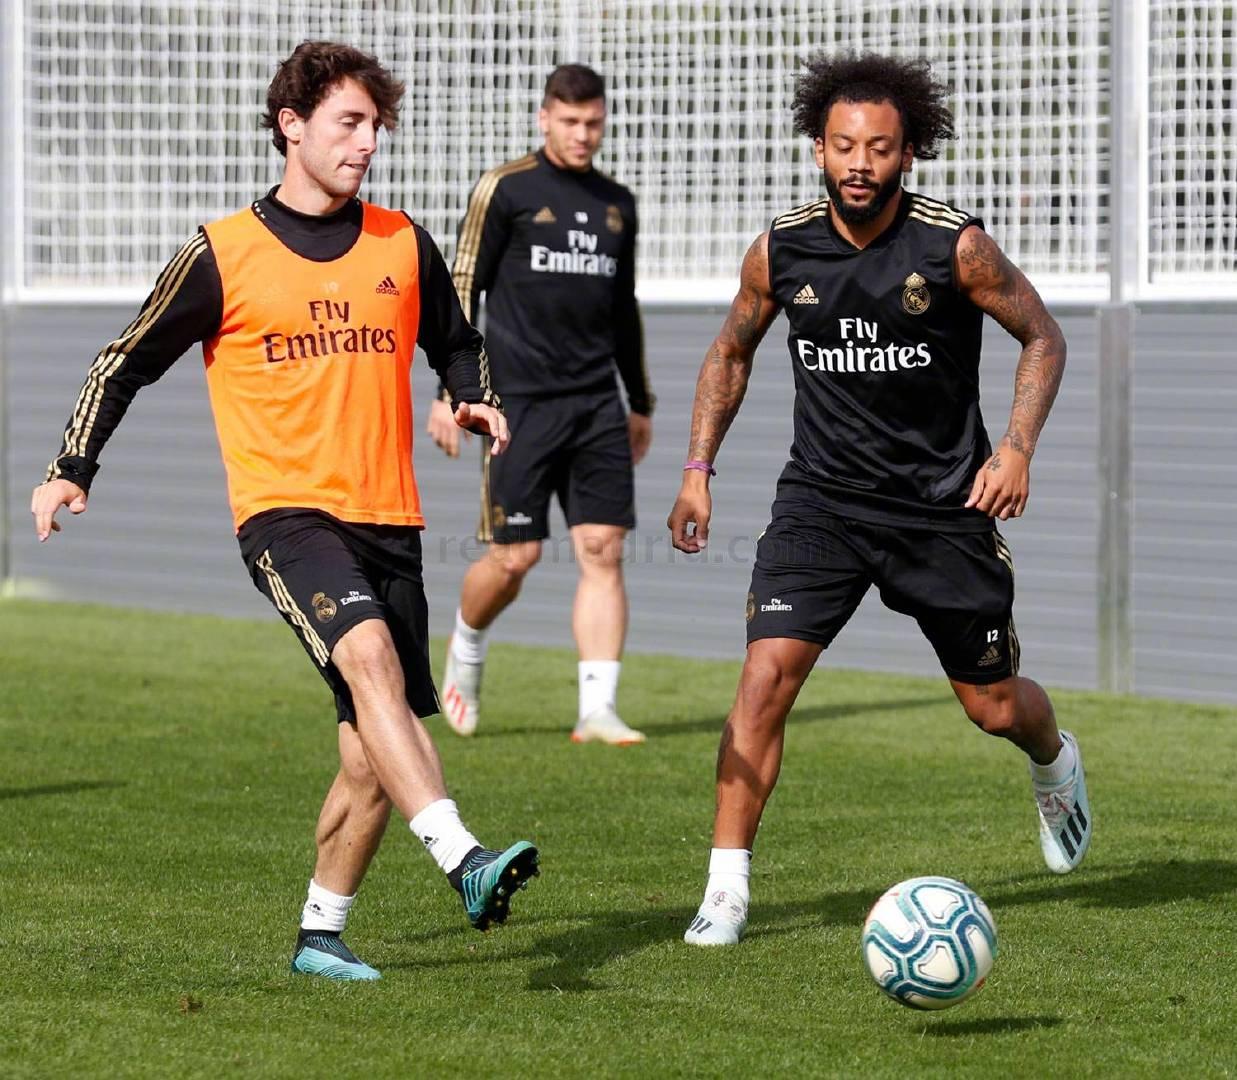 没有国家队比赛任务的球员继续与卡斯蒂亚一起进行了训练门迪进行了